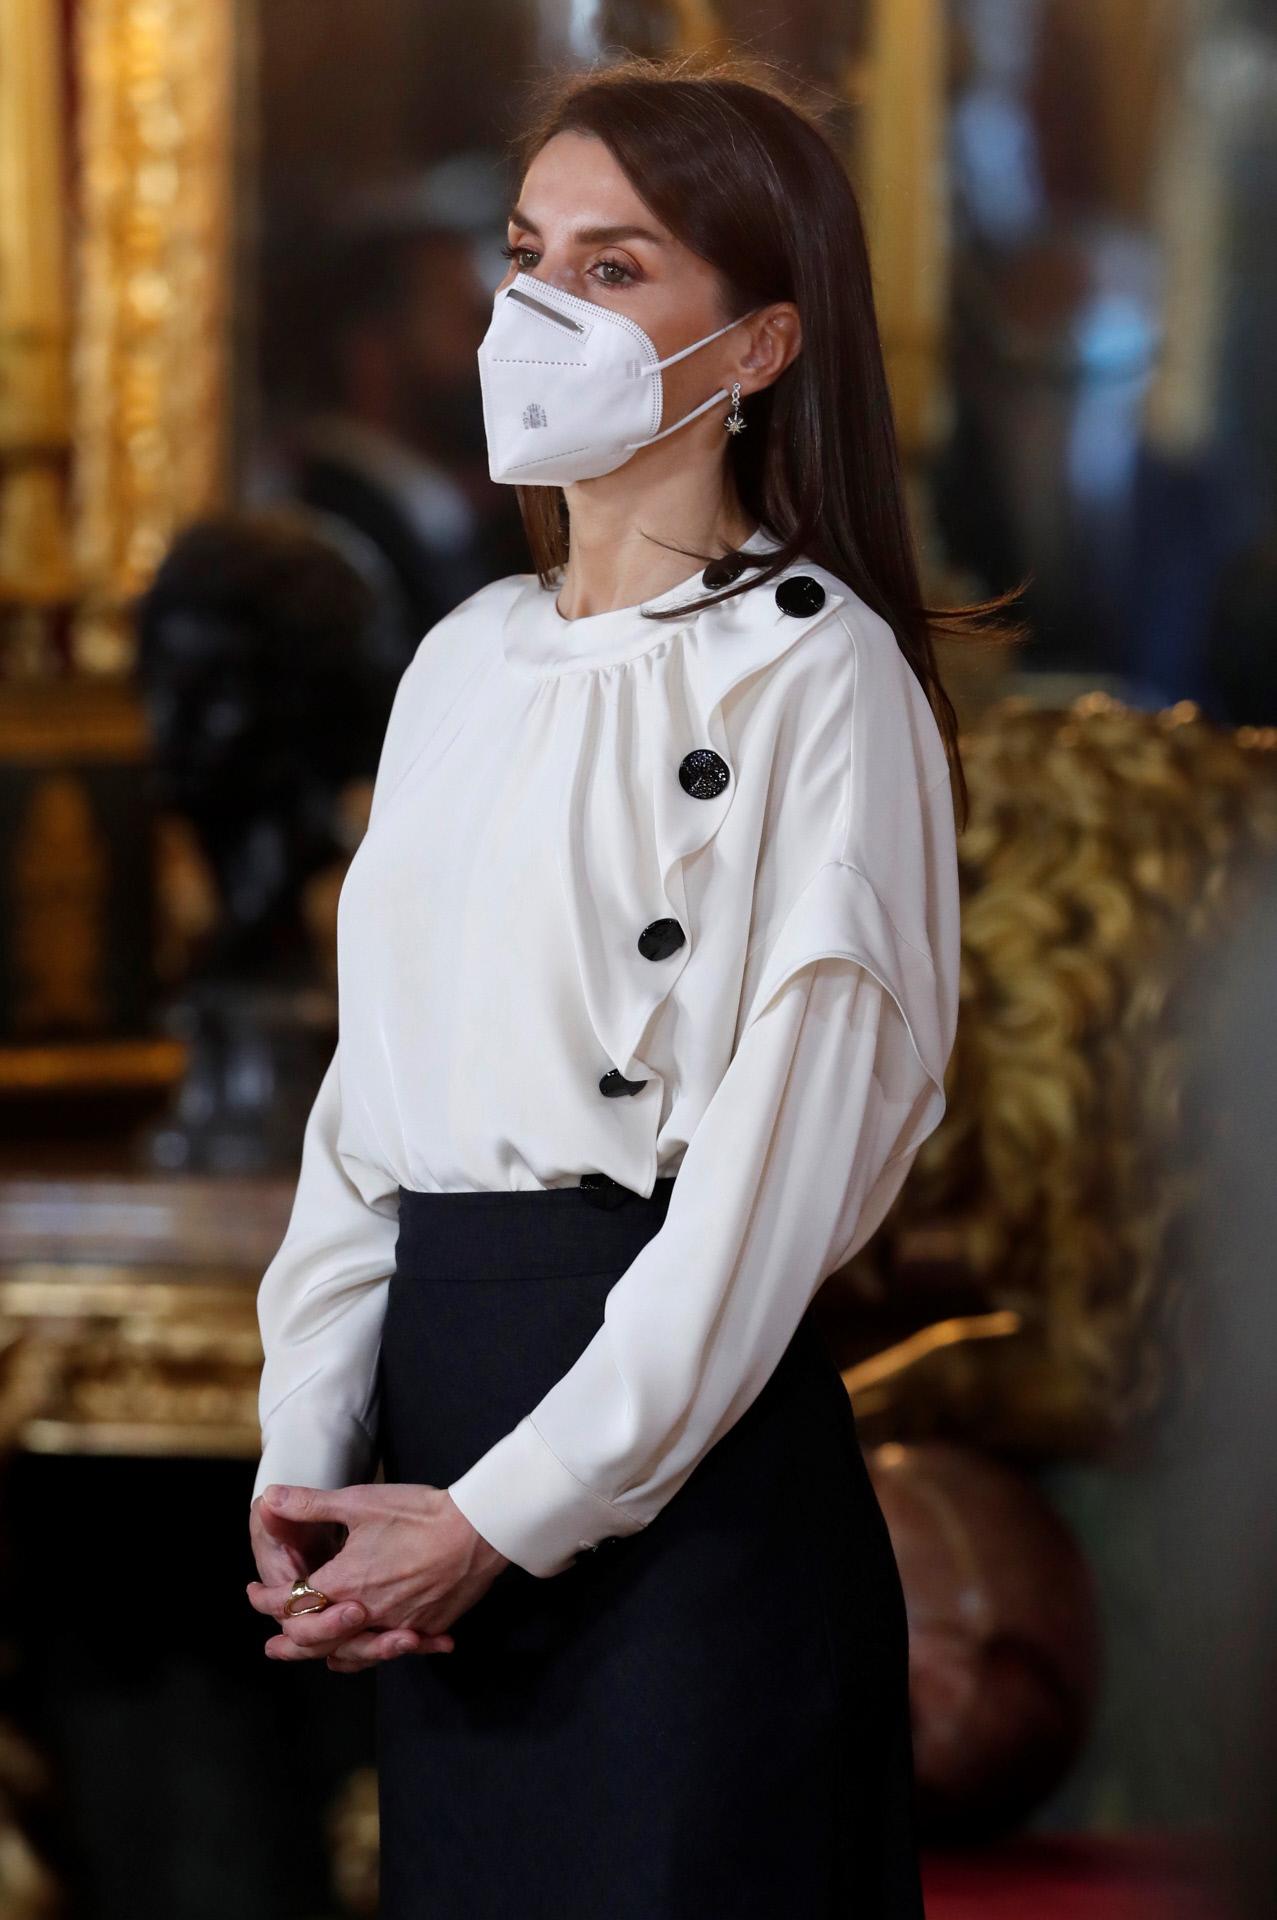 La reina Letizia en la posterior recepción a la Pascua Militar 2021.